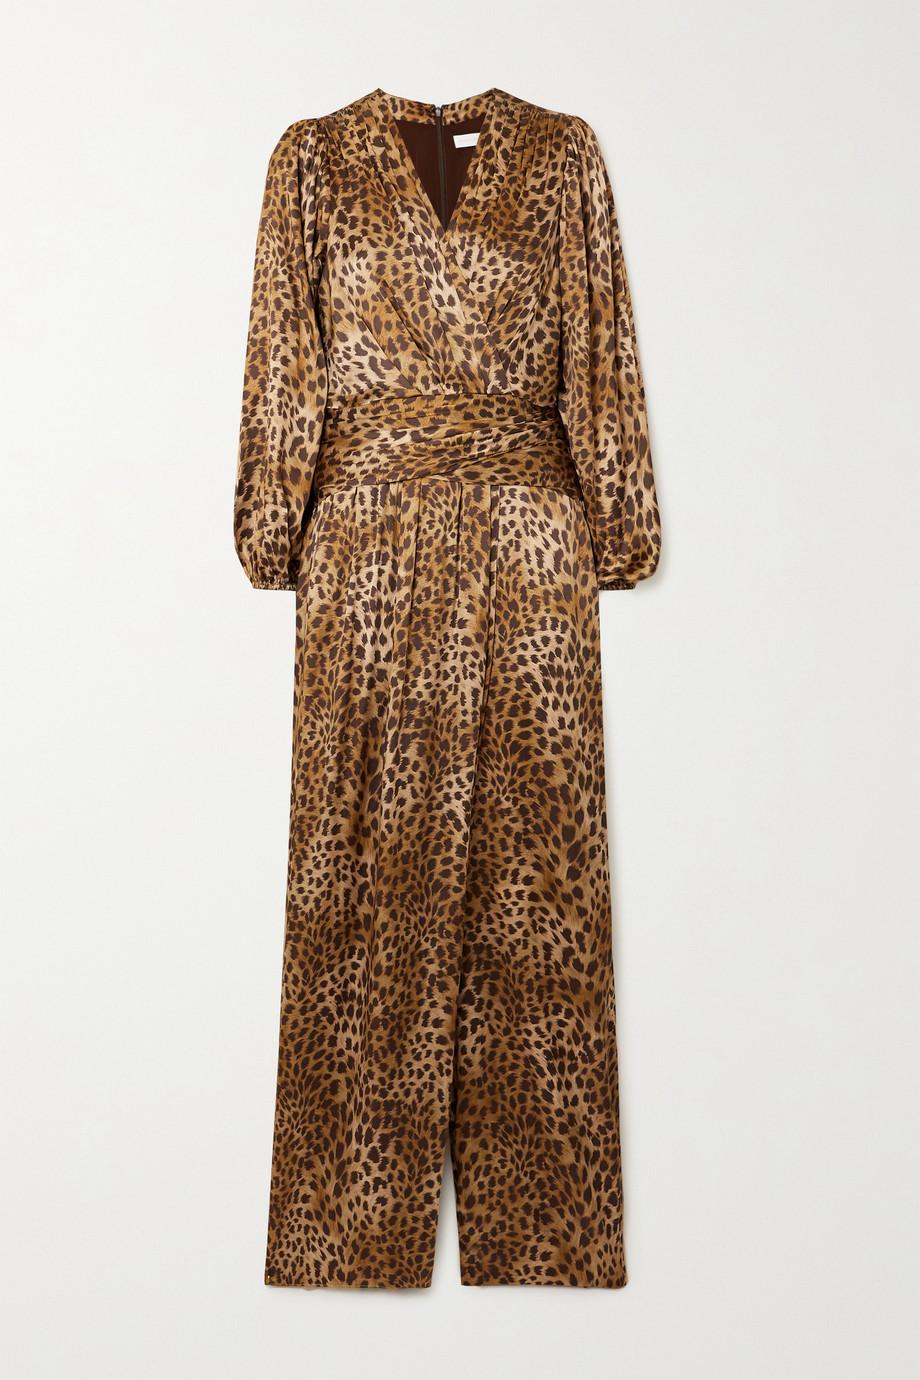 Jonathan Simkhai Combi-pantalon effet cache-cœur en charmeuse de soie mélangée à imprimé léopard Carter